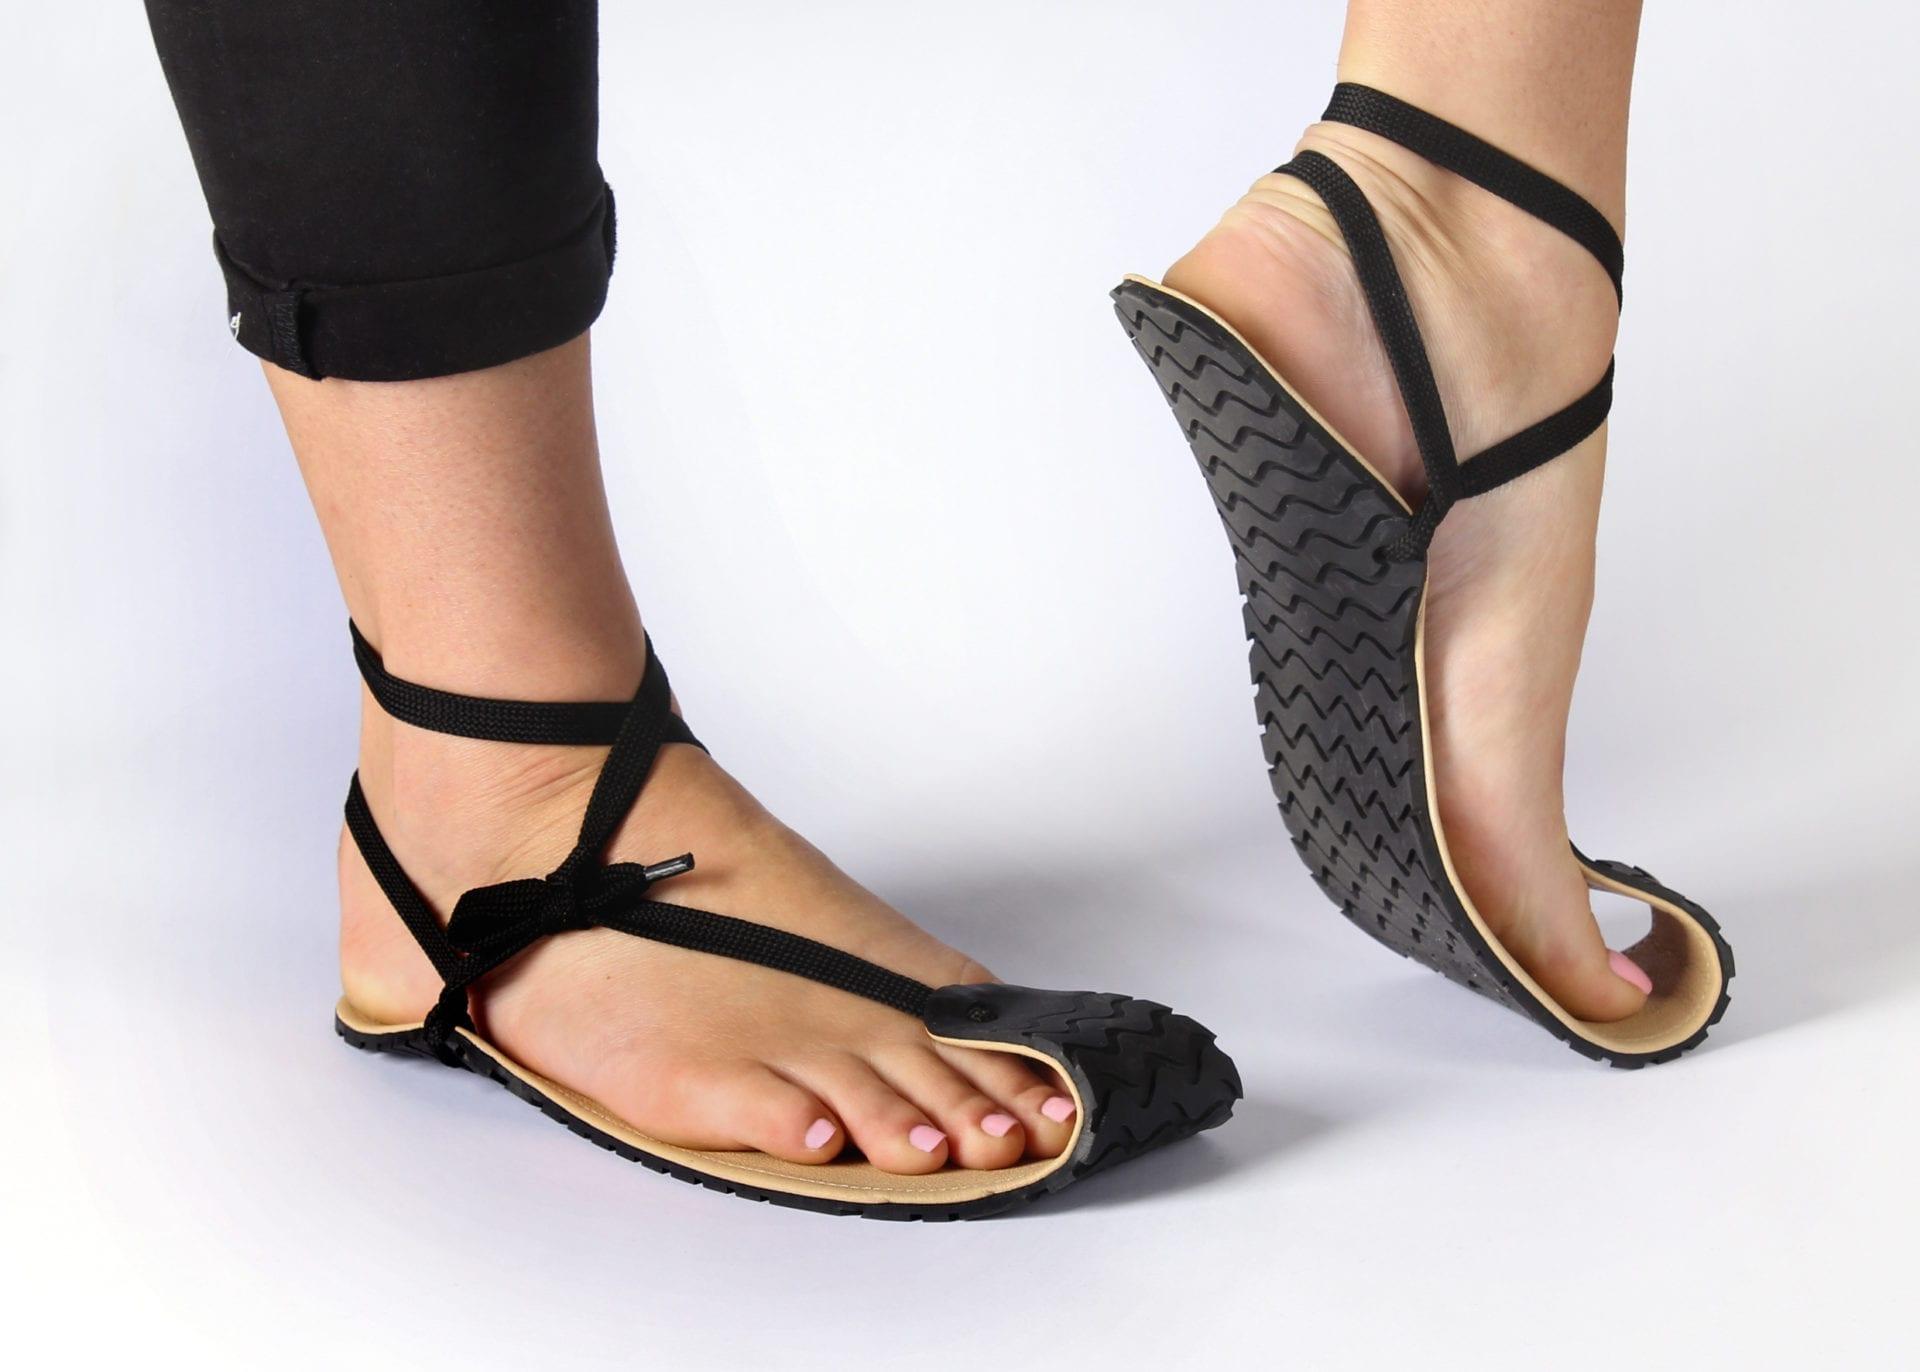 4a3c3a81bb91 tarahumara flip-flops men s sandals barefoot born to run